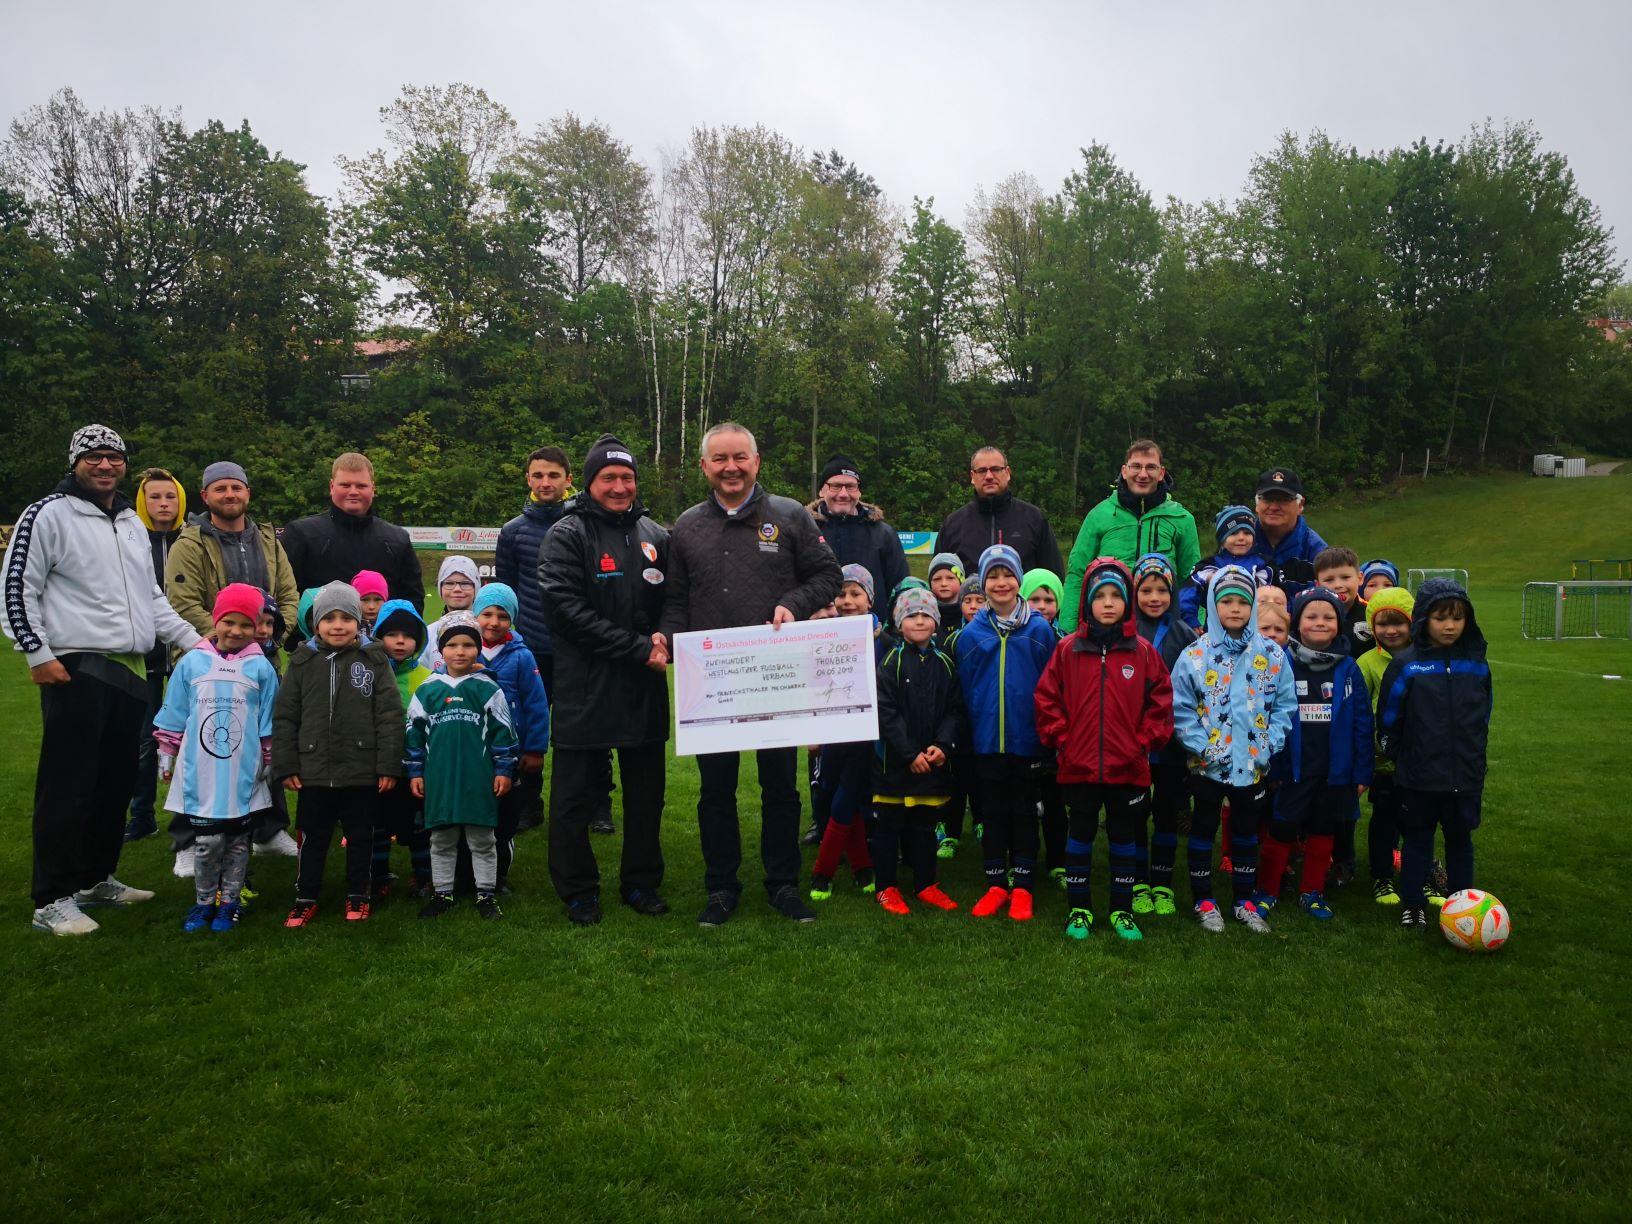 Heinrichsthaler unterstützt Westlausitzer Fußballverband